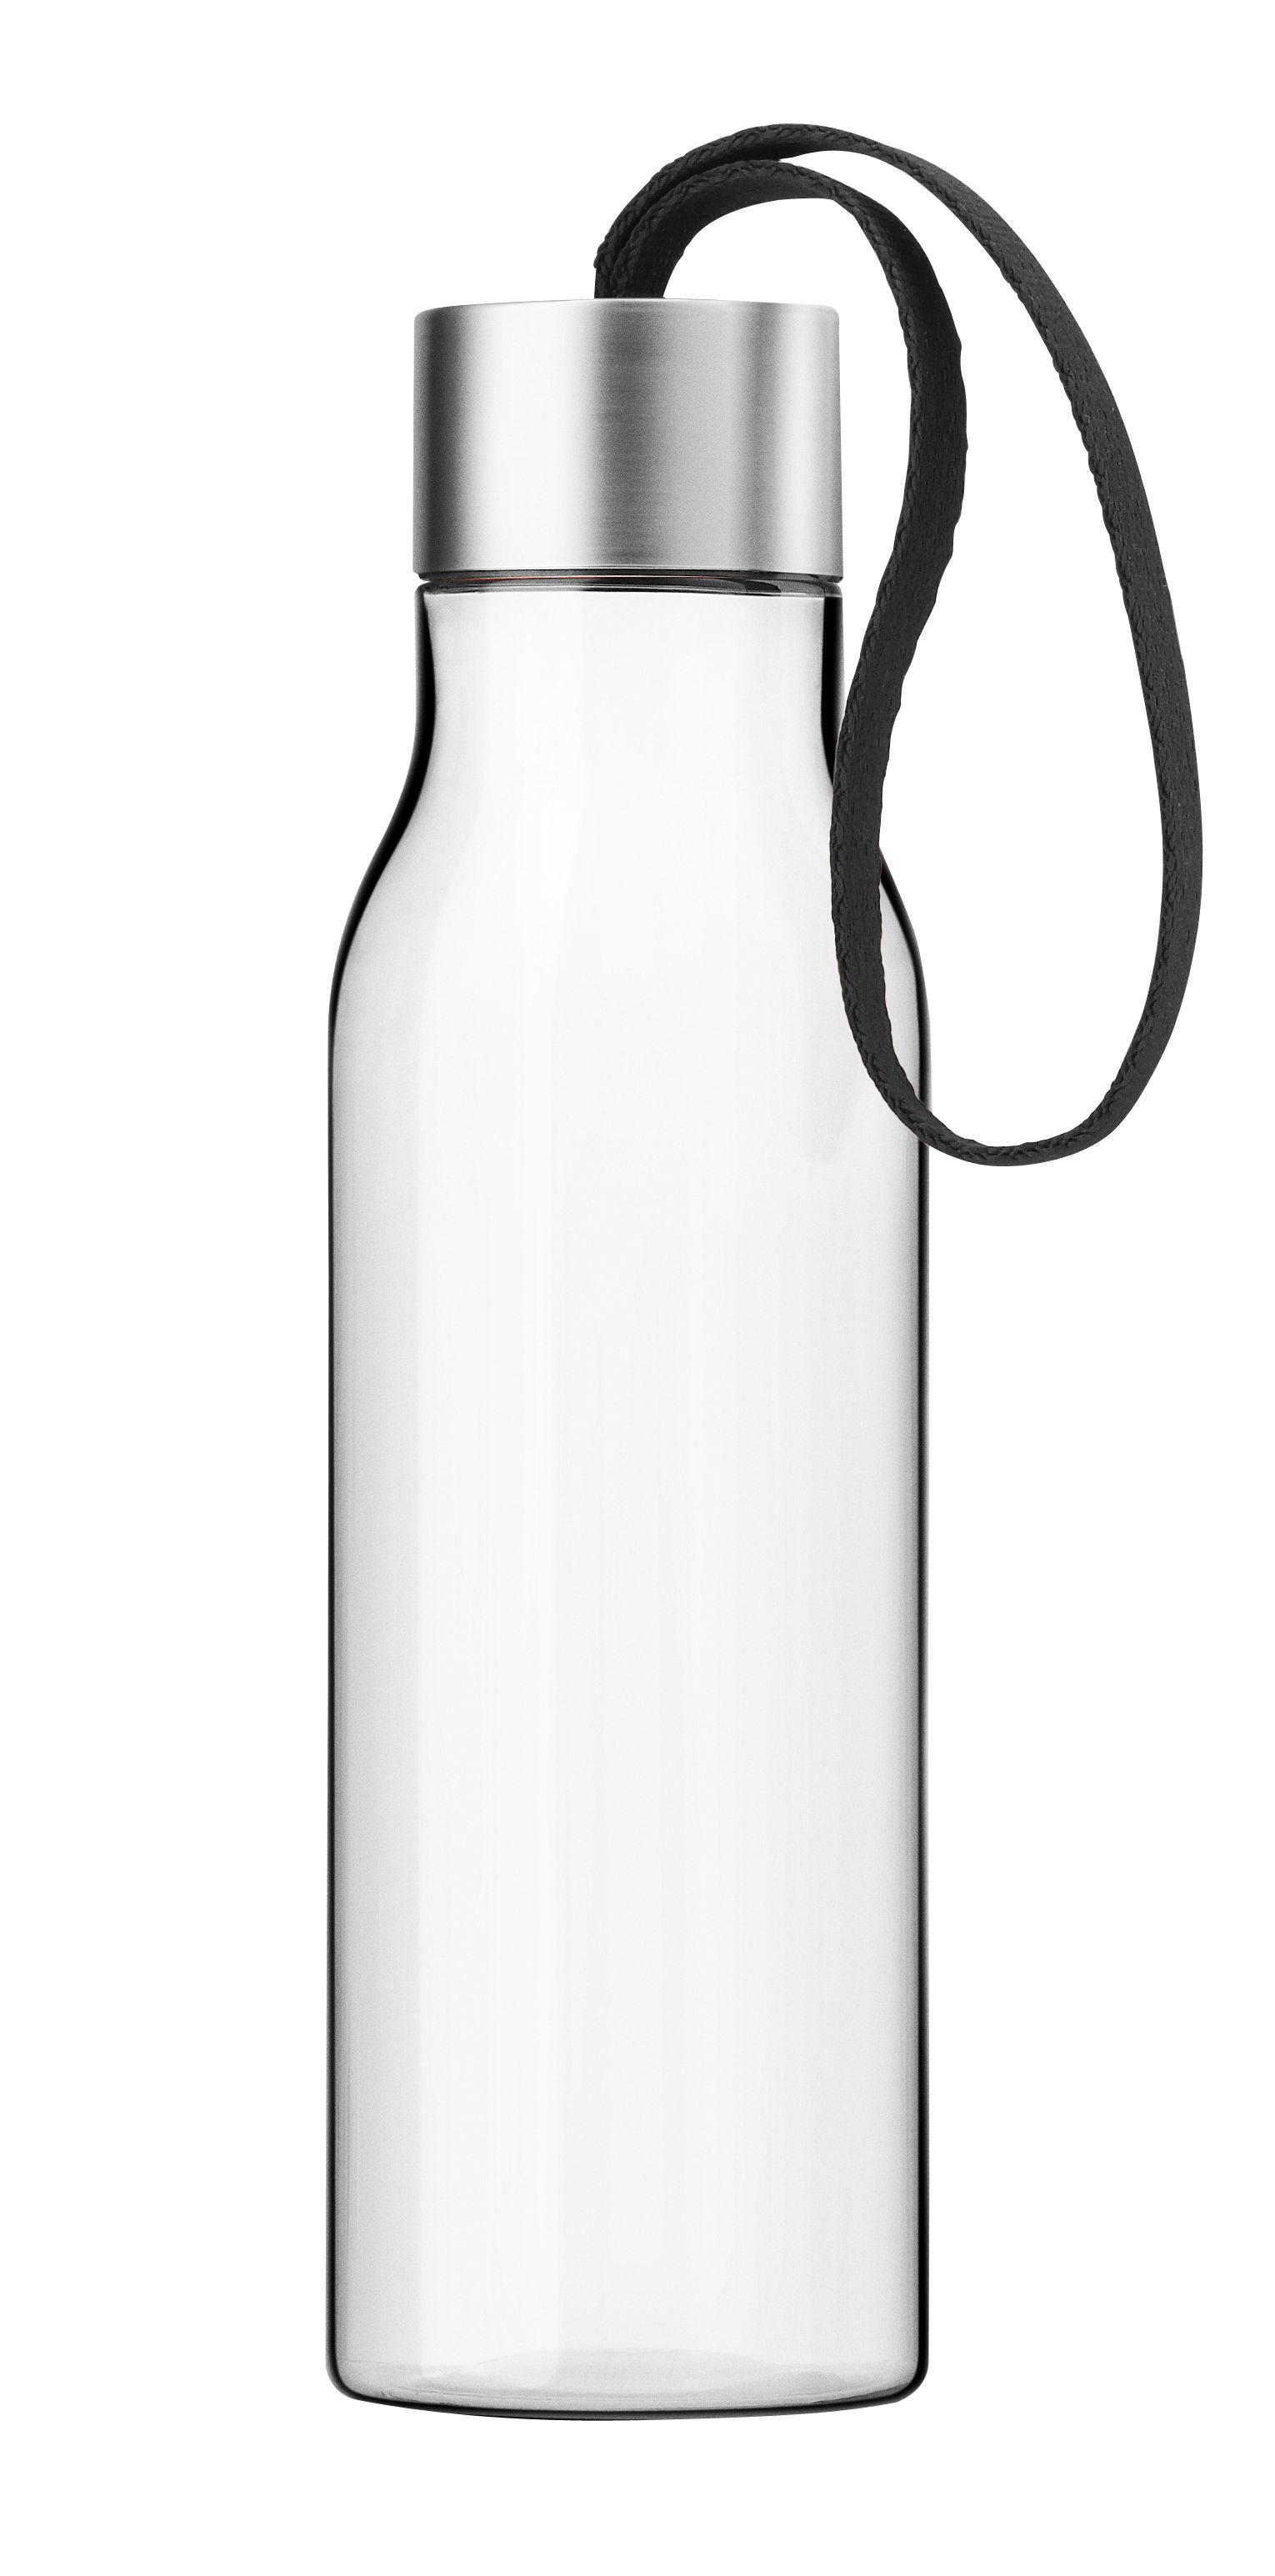 Arts de la table - Carafes et décanteurs - Gourde Small 0,5 L / Bouteille nomade plastique écologique - Eva Solo - Cordon noir / Transparent - Plastique écologique